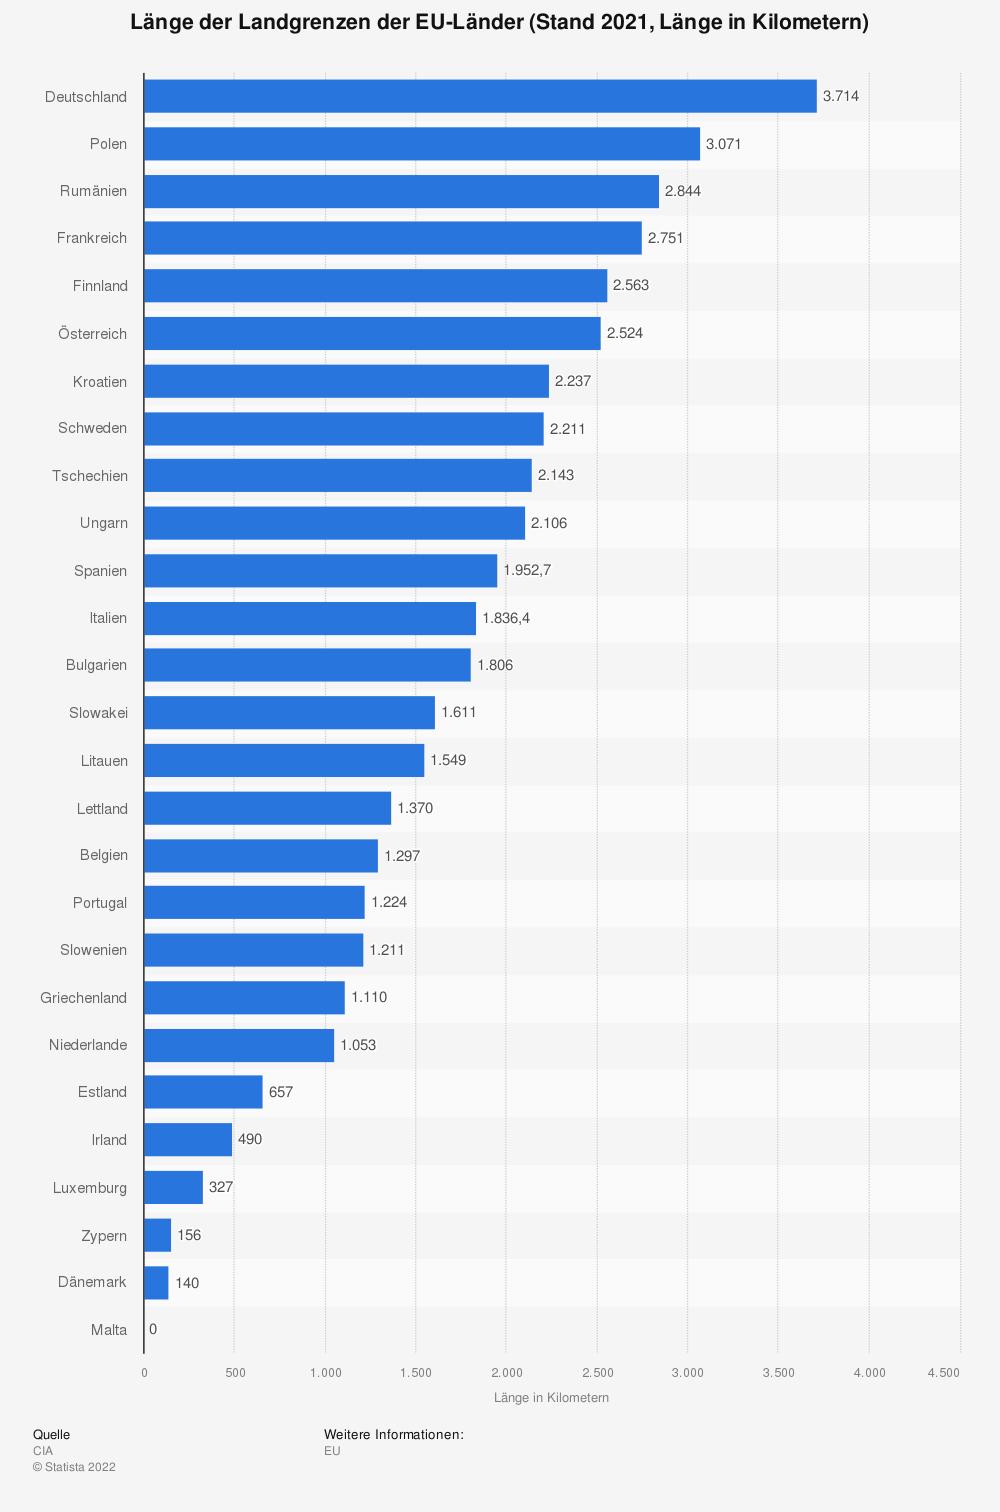 Statistik: Länge der Landgrenzen der EU-Länder (Stand 2021, Länge in Kilometern) | Statista